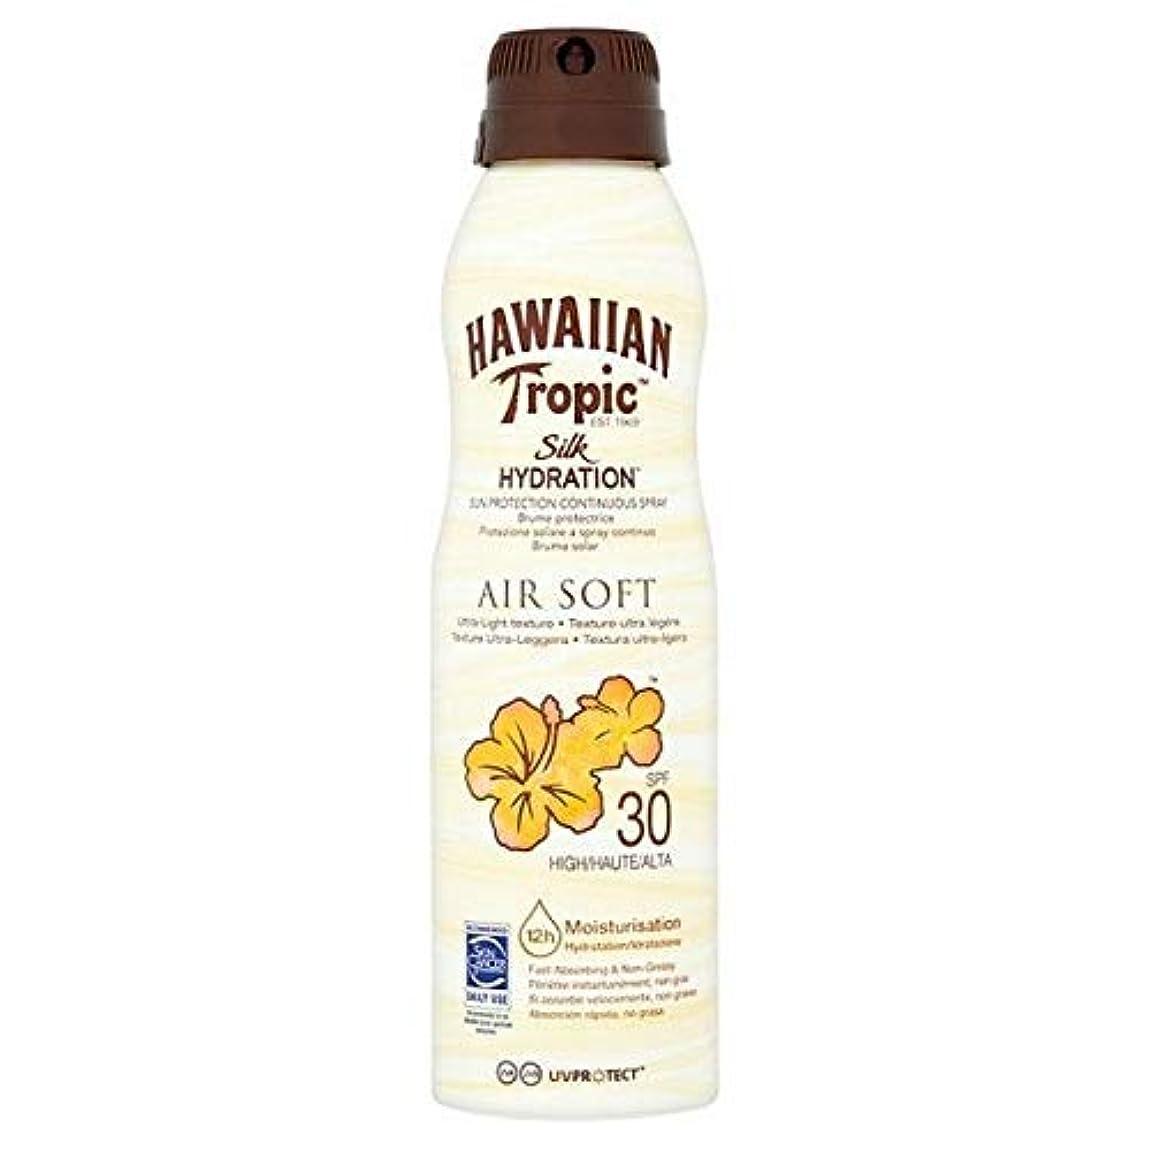 攻撃的終了する圧縮する[Hawaiian Tropic ] H /向性絹水和エアガン連続スプレーSpf30の177ミリリットル - H/Tropic Silk Hydration Airsoft Continuous Spray SPF30 177ml [並行輸入品]